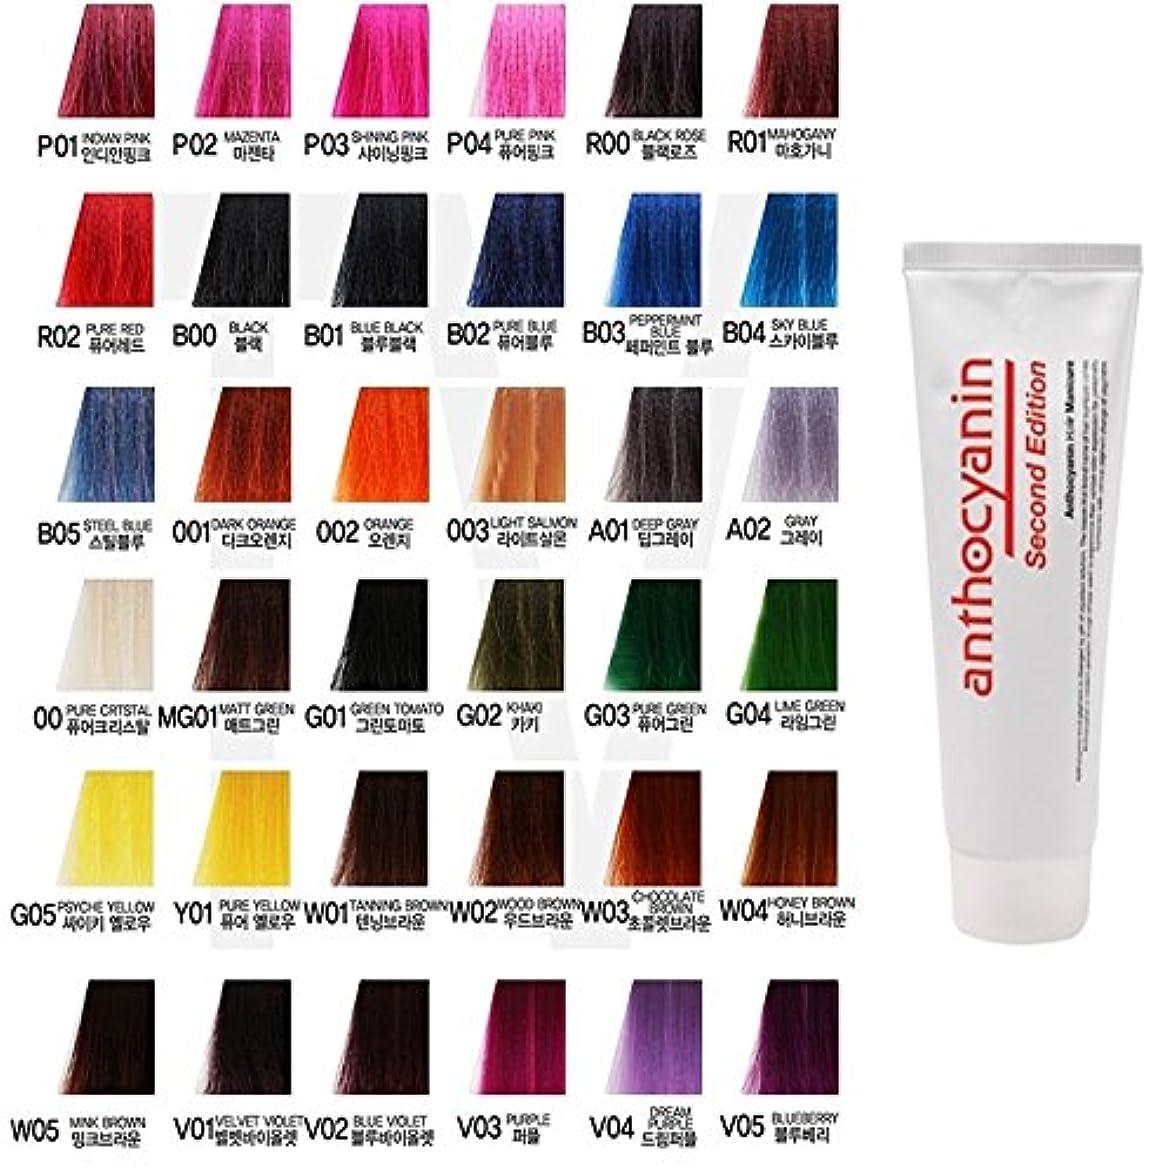 良心こっそり家ヘア マニキュア カラー セカンド エディション 230g セミ パーマネント 染毛剤 ( Hair Manicure Color Second Edition 230g Semi Permanent Hair Dye) [並行輸入品] (O12 Coral Orange)